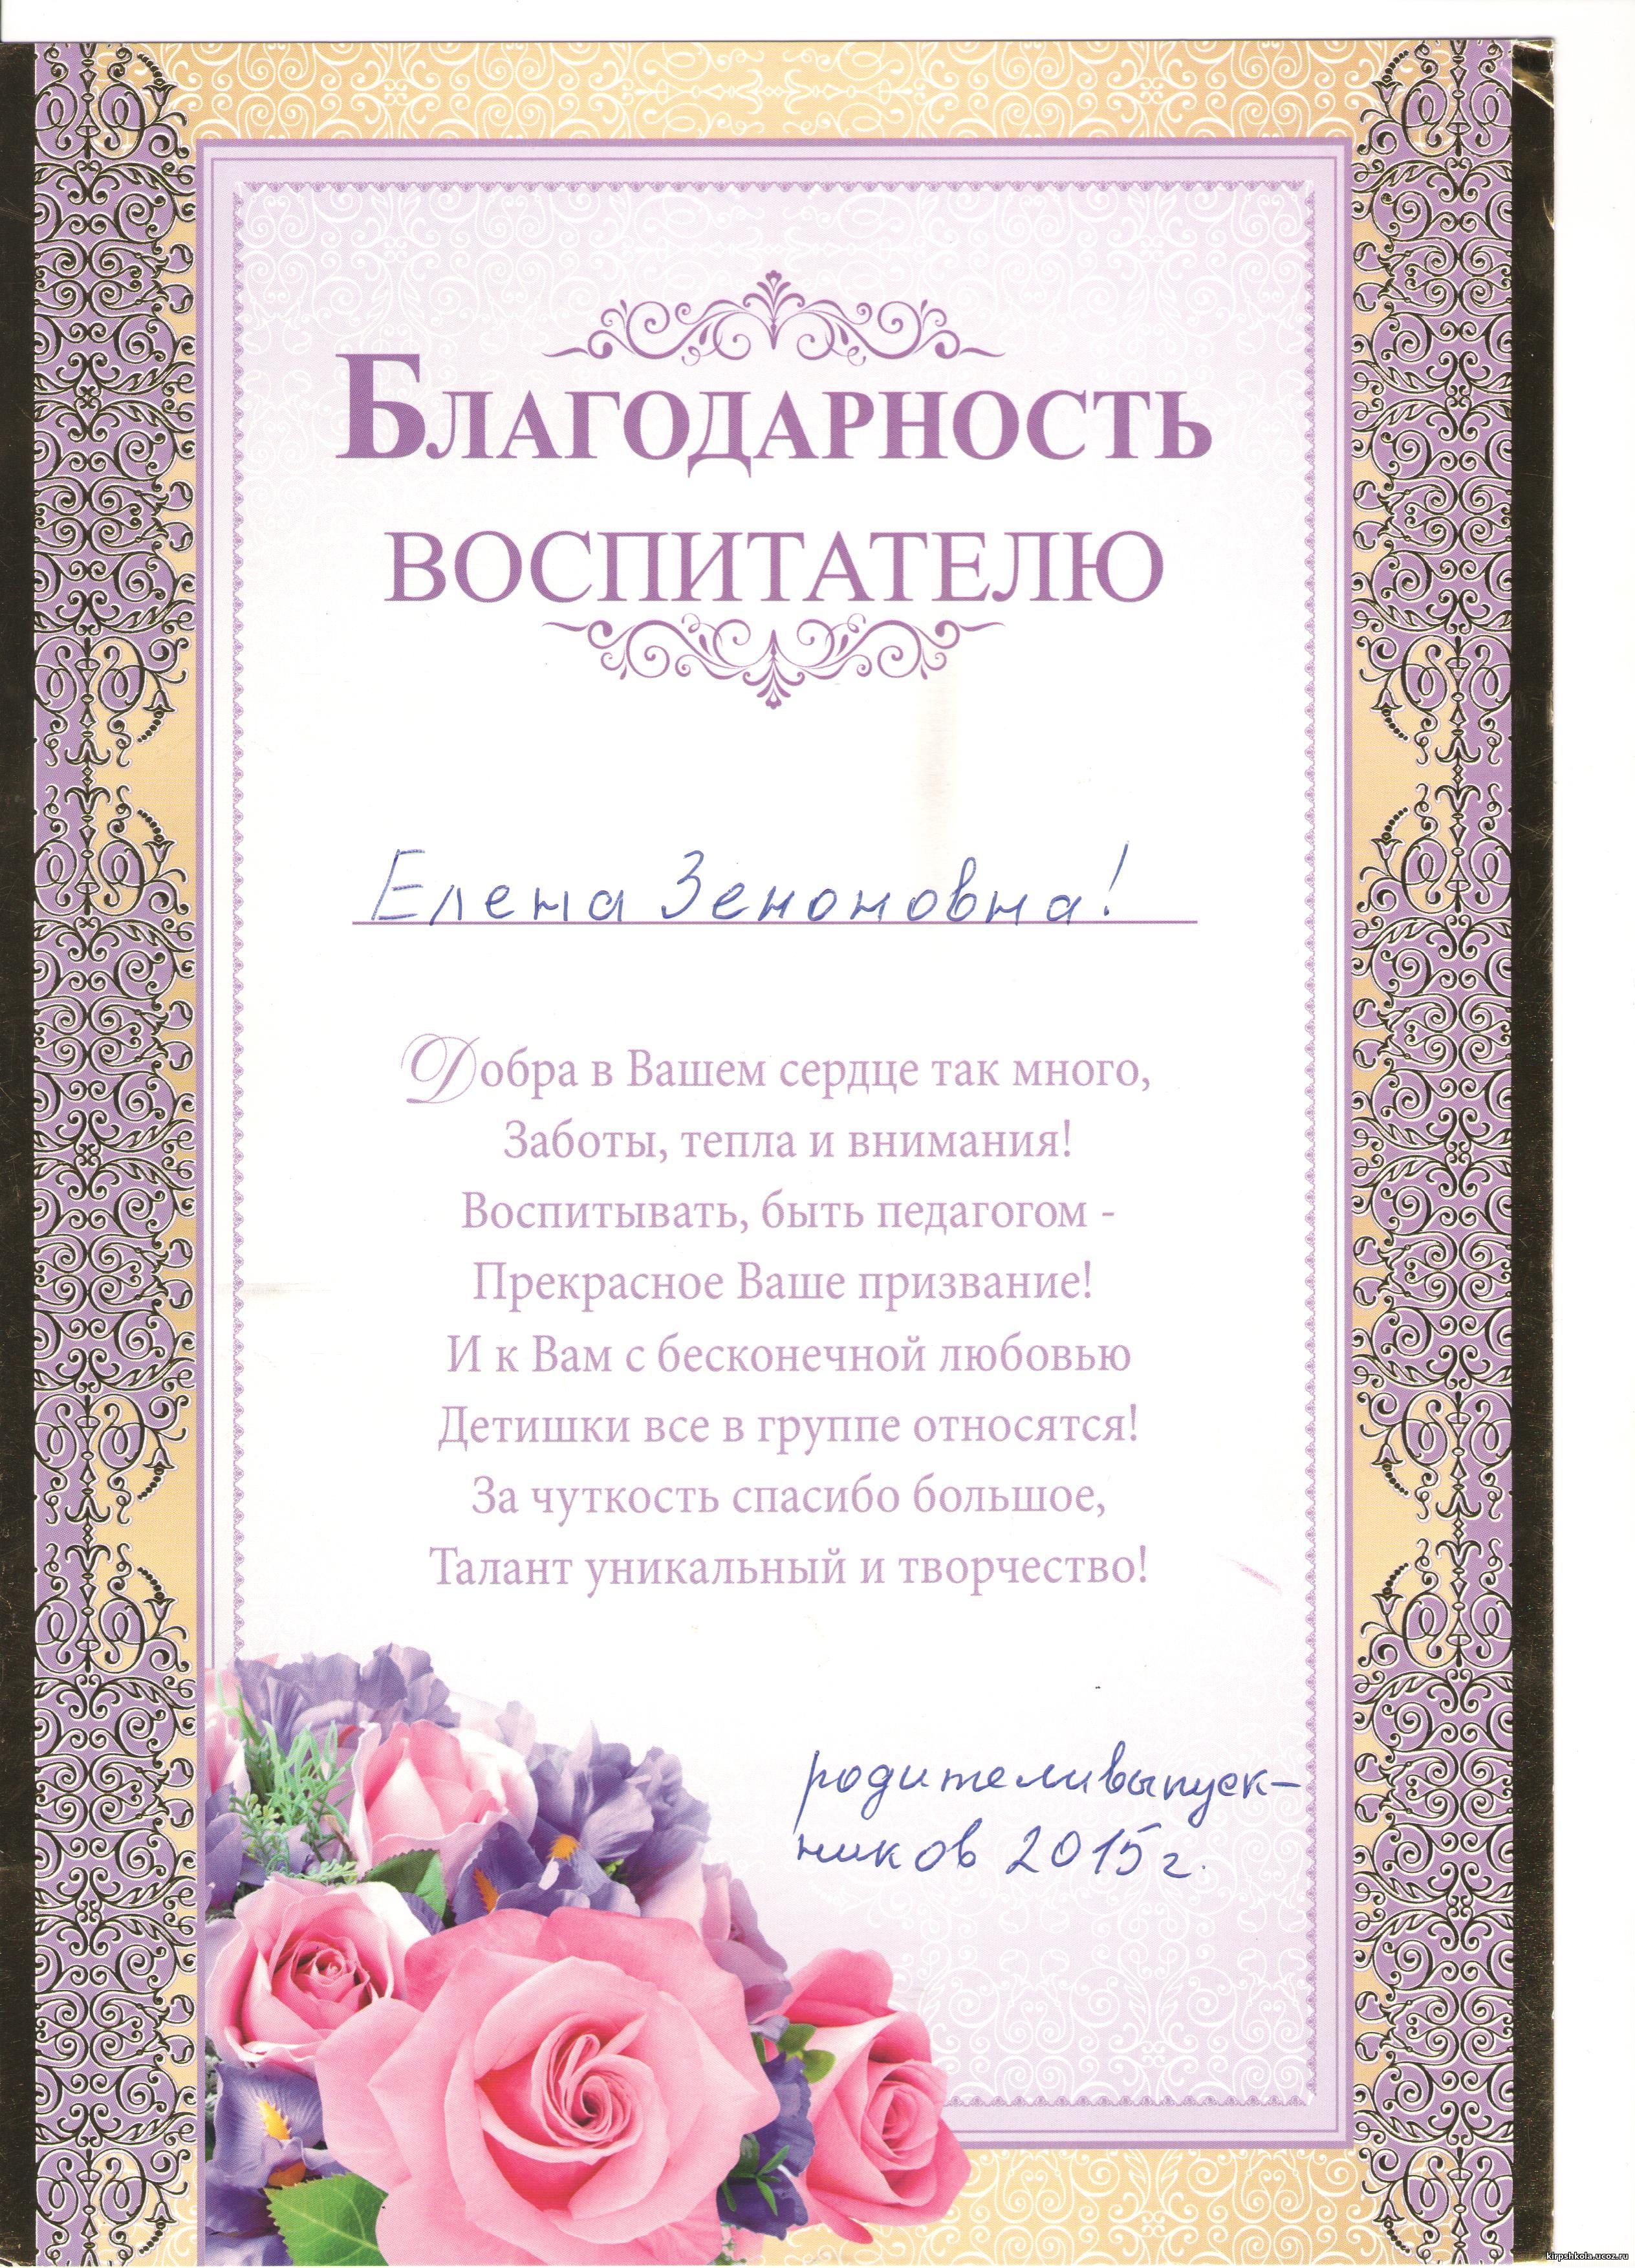 Поздравления для воспитателей на выпускной от родителей в прозе